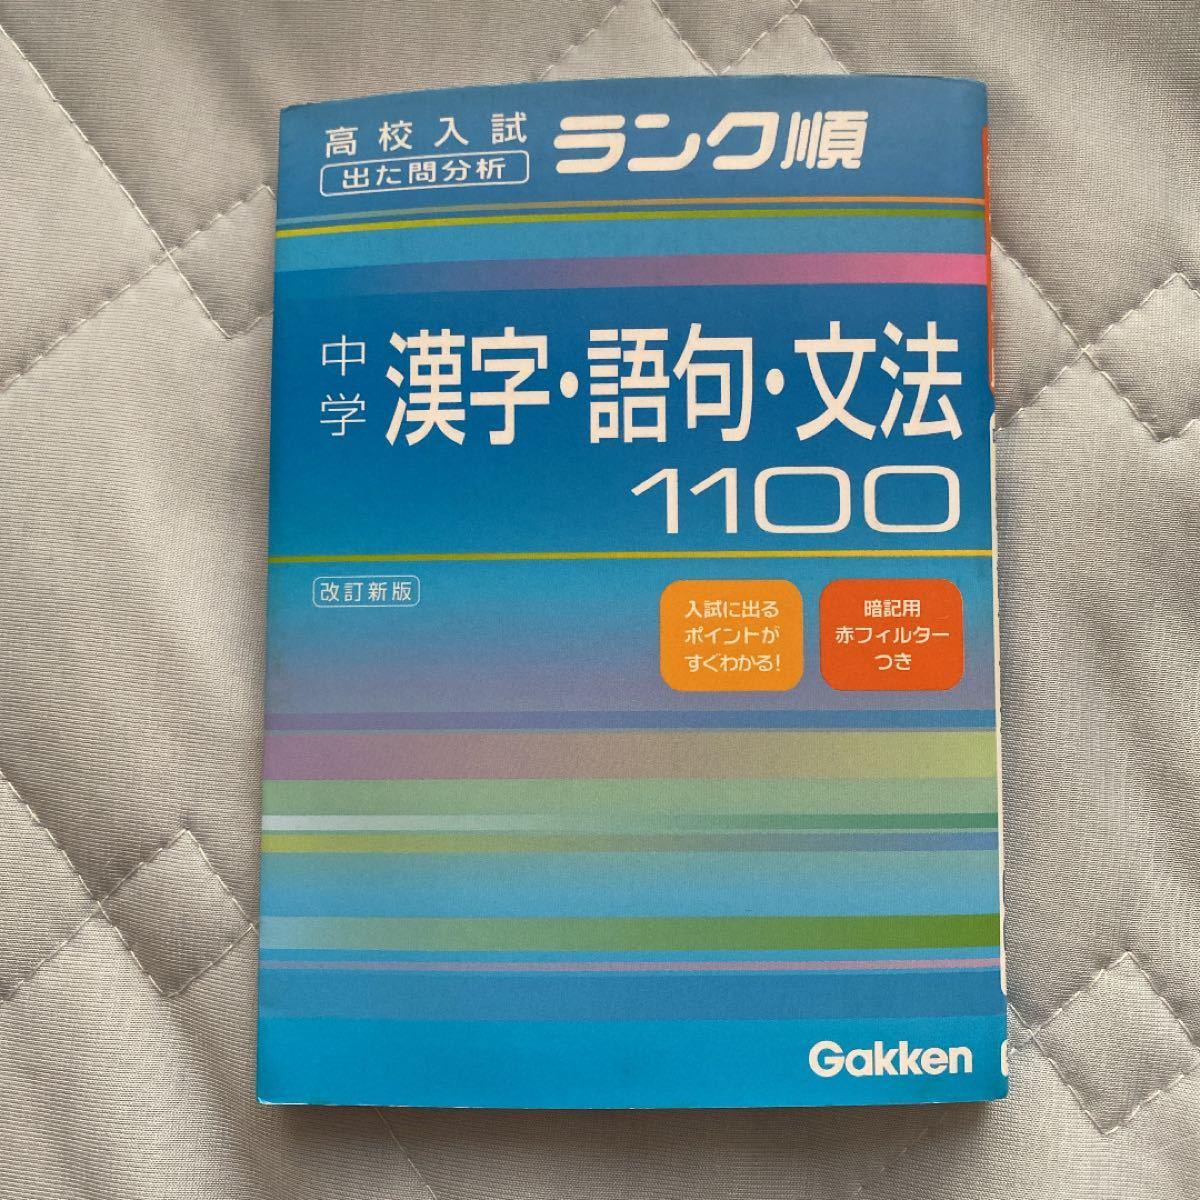 中学漢字語句文法1100高校入試 出た問分析ランク順